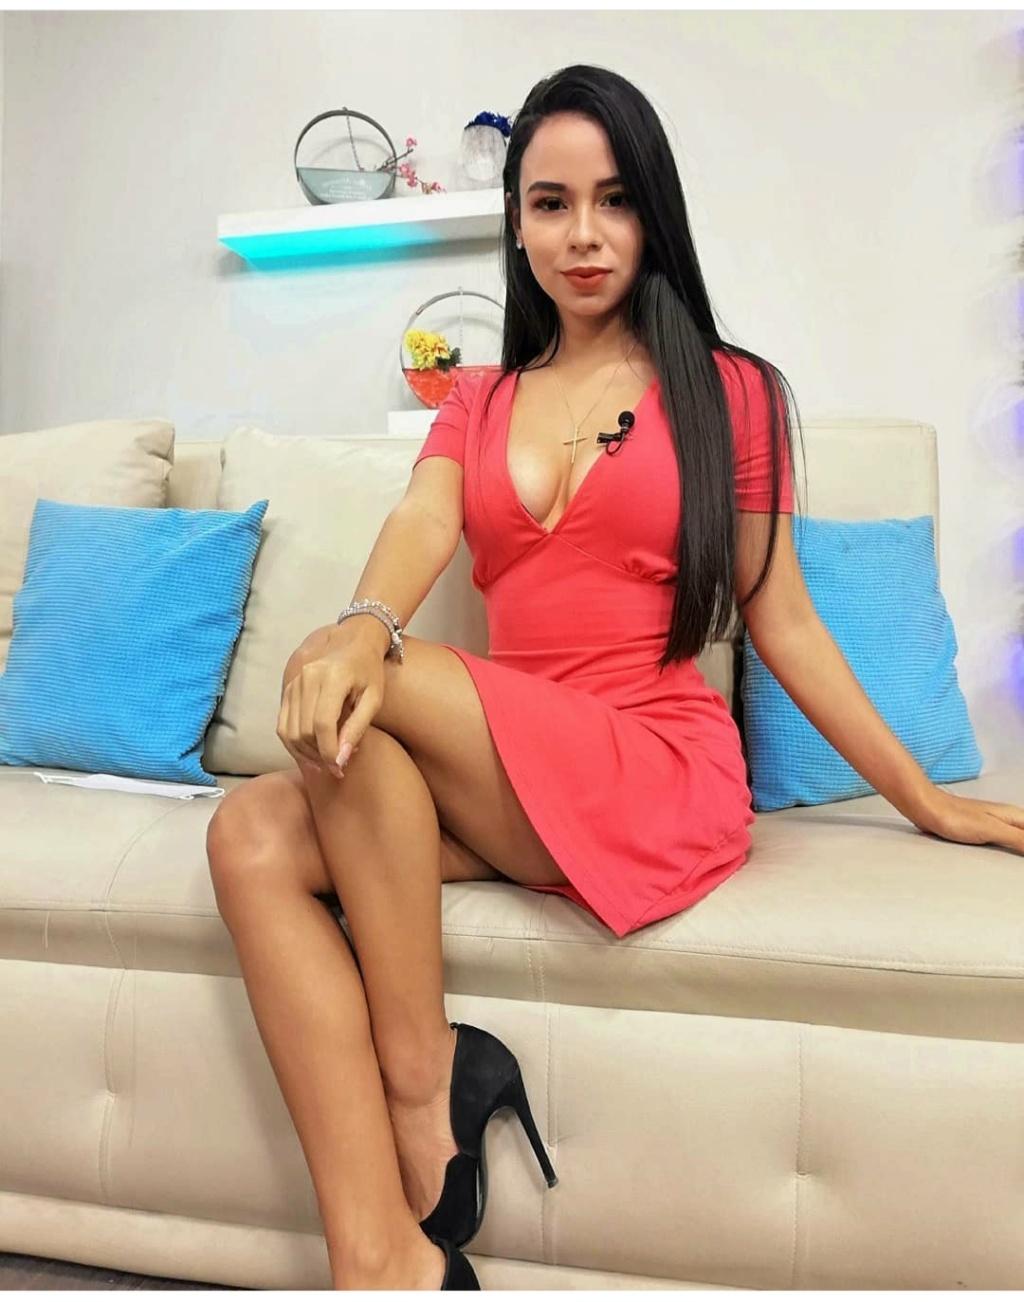 DEBATE sobre belleza, guapura y hermosura (fotos de chicas latinas, mestizas, y de todo) - VOL II - Página 3 Img_1208